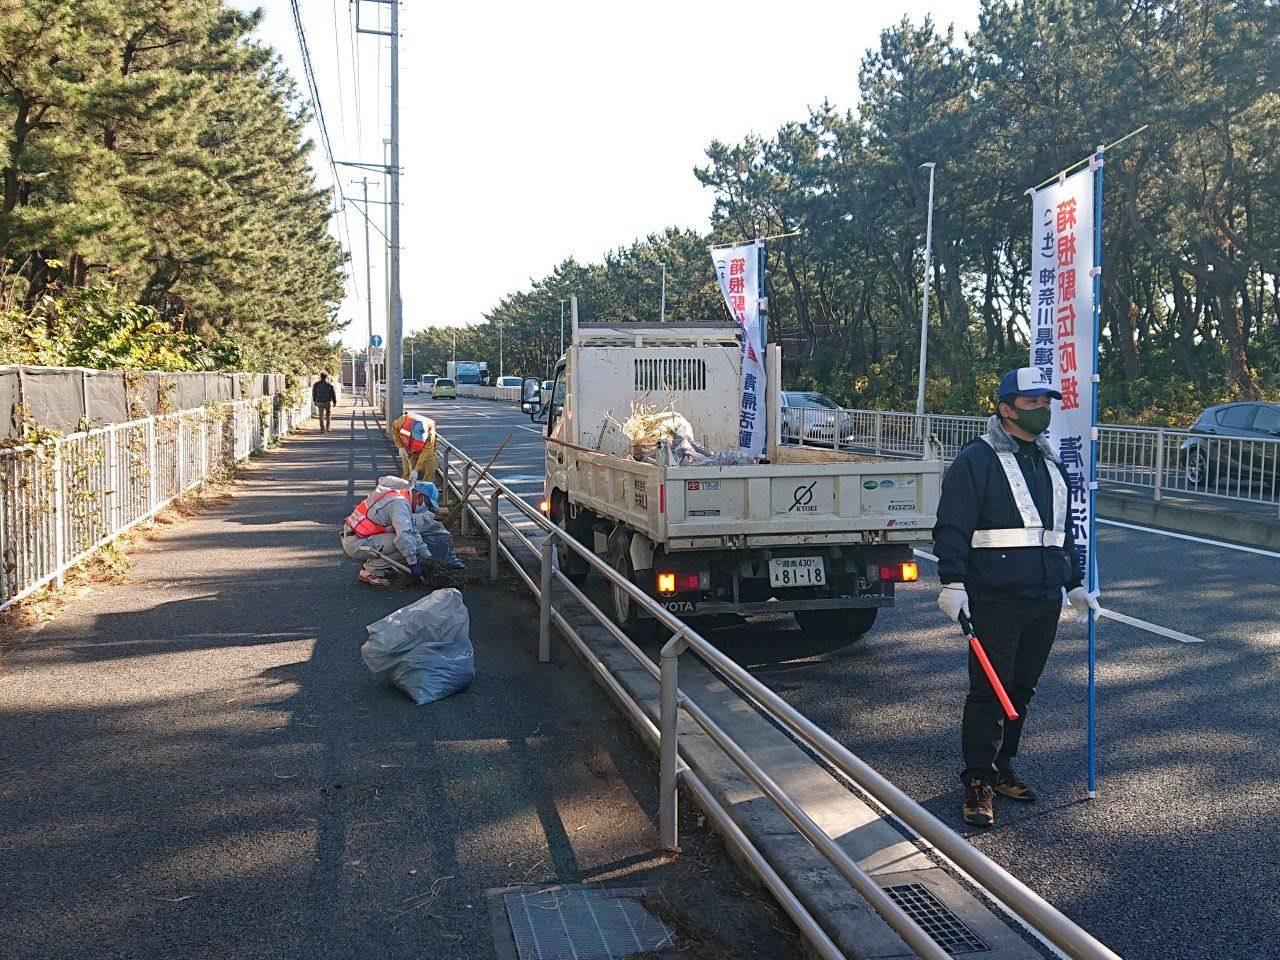 神奈川県建設業協会清掃ボランティア活動の模様です。